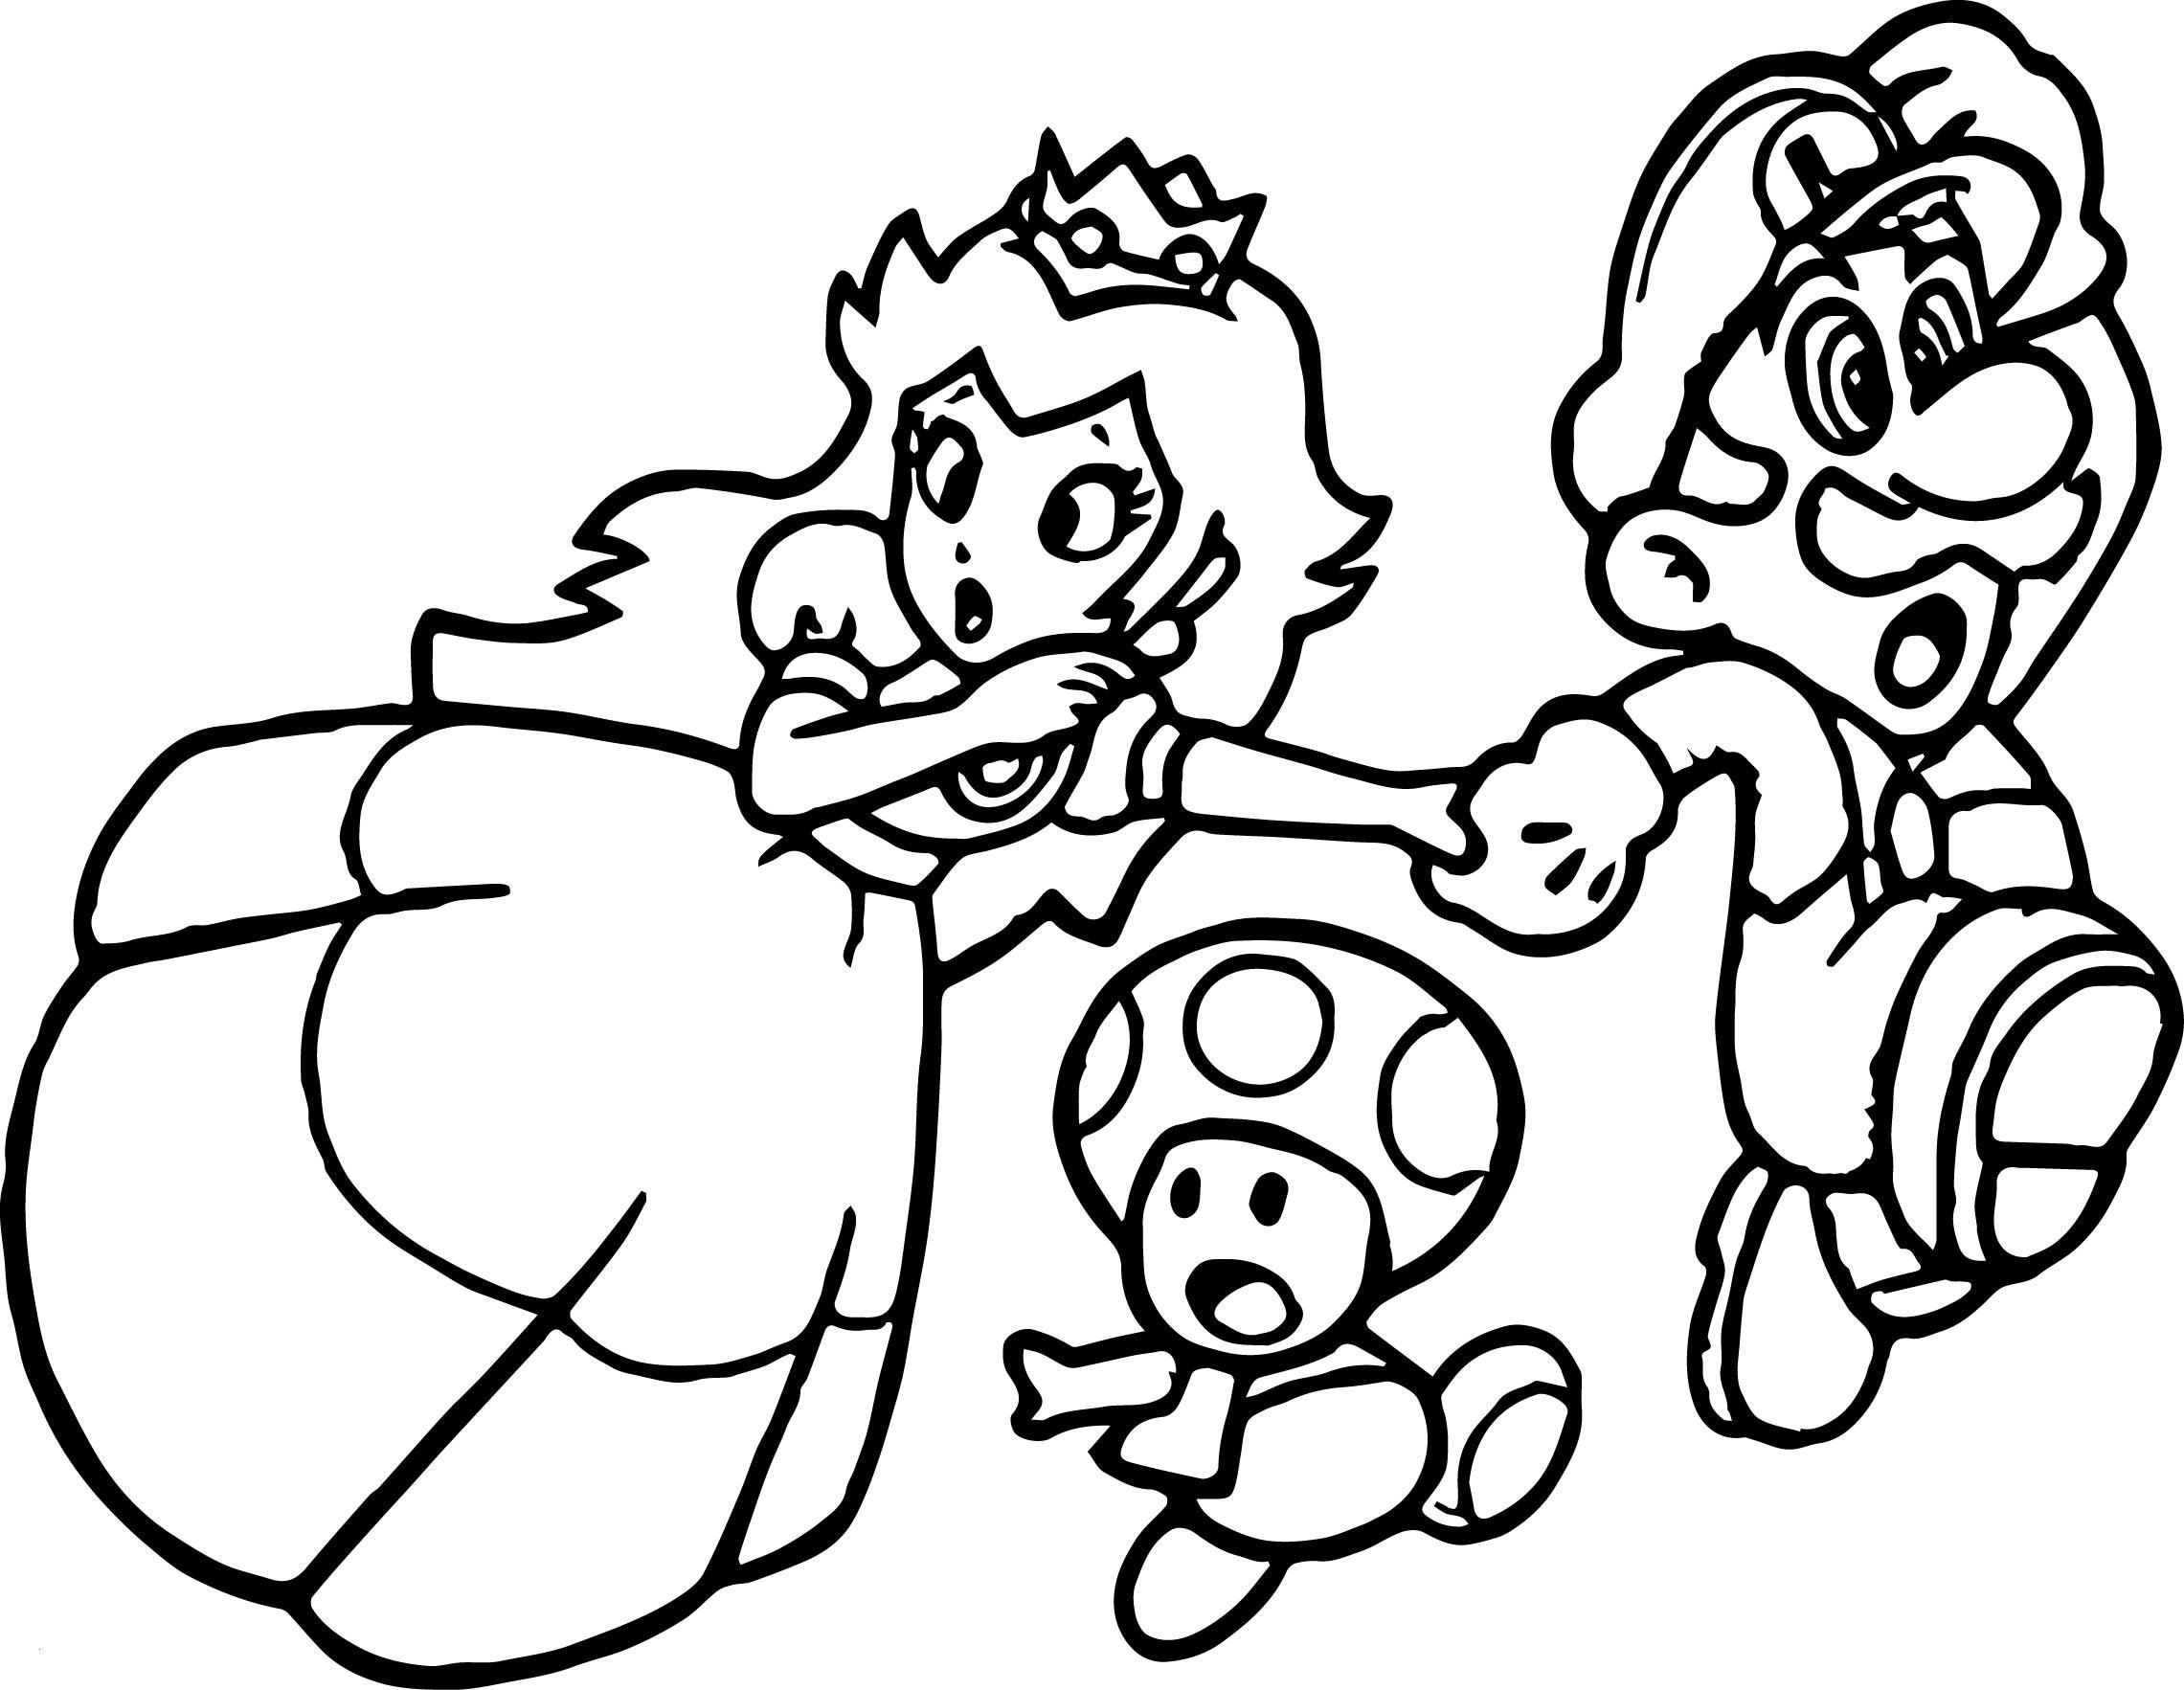 Mario Kart Ausmalbilder Neu 37 Super Mario Kart Ausmalbilder Scoredatscore Inspirierend Super Bild